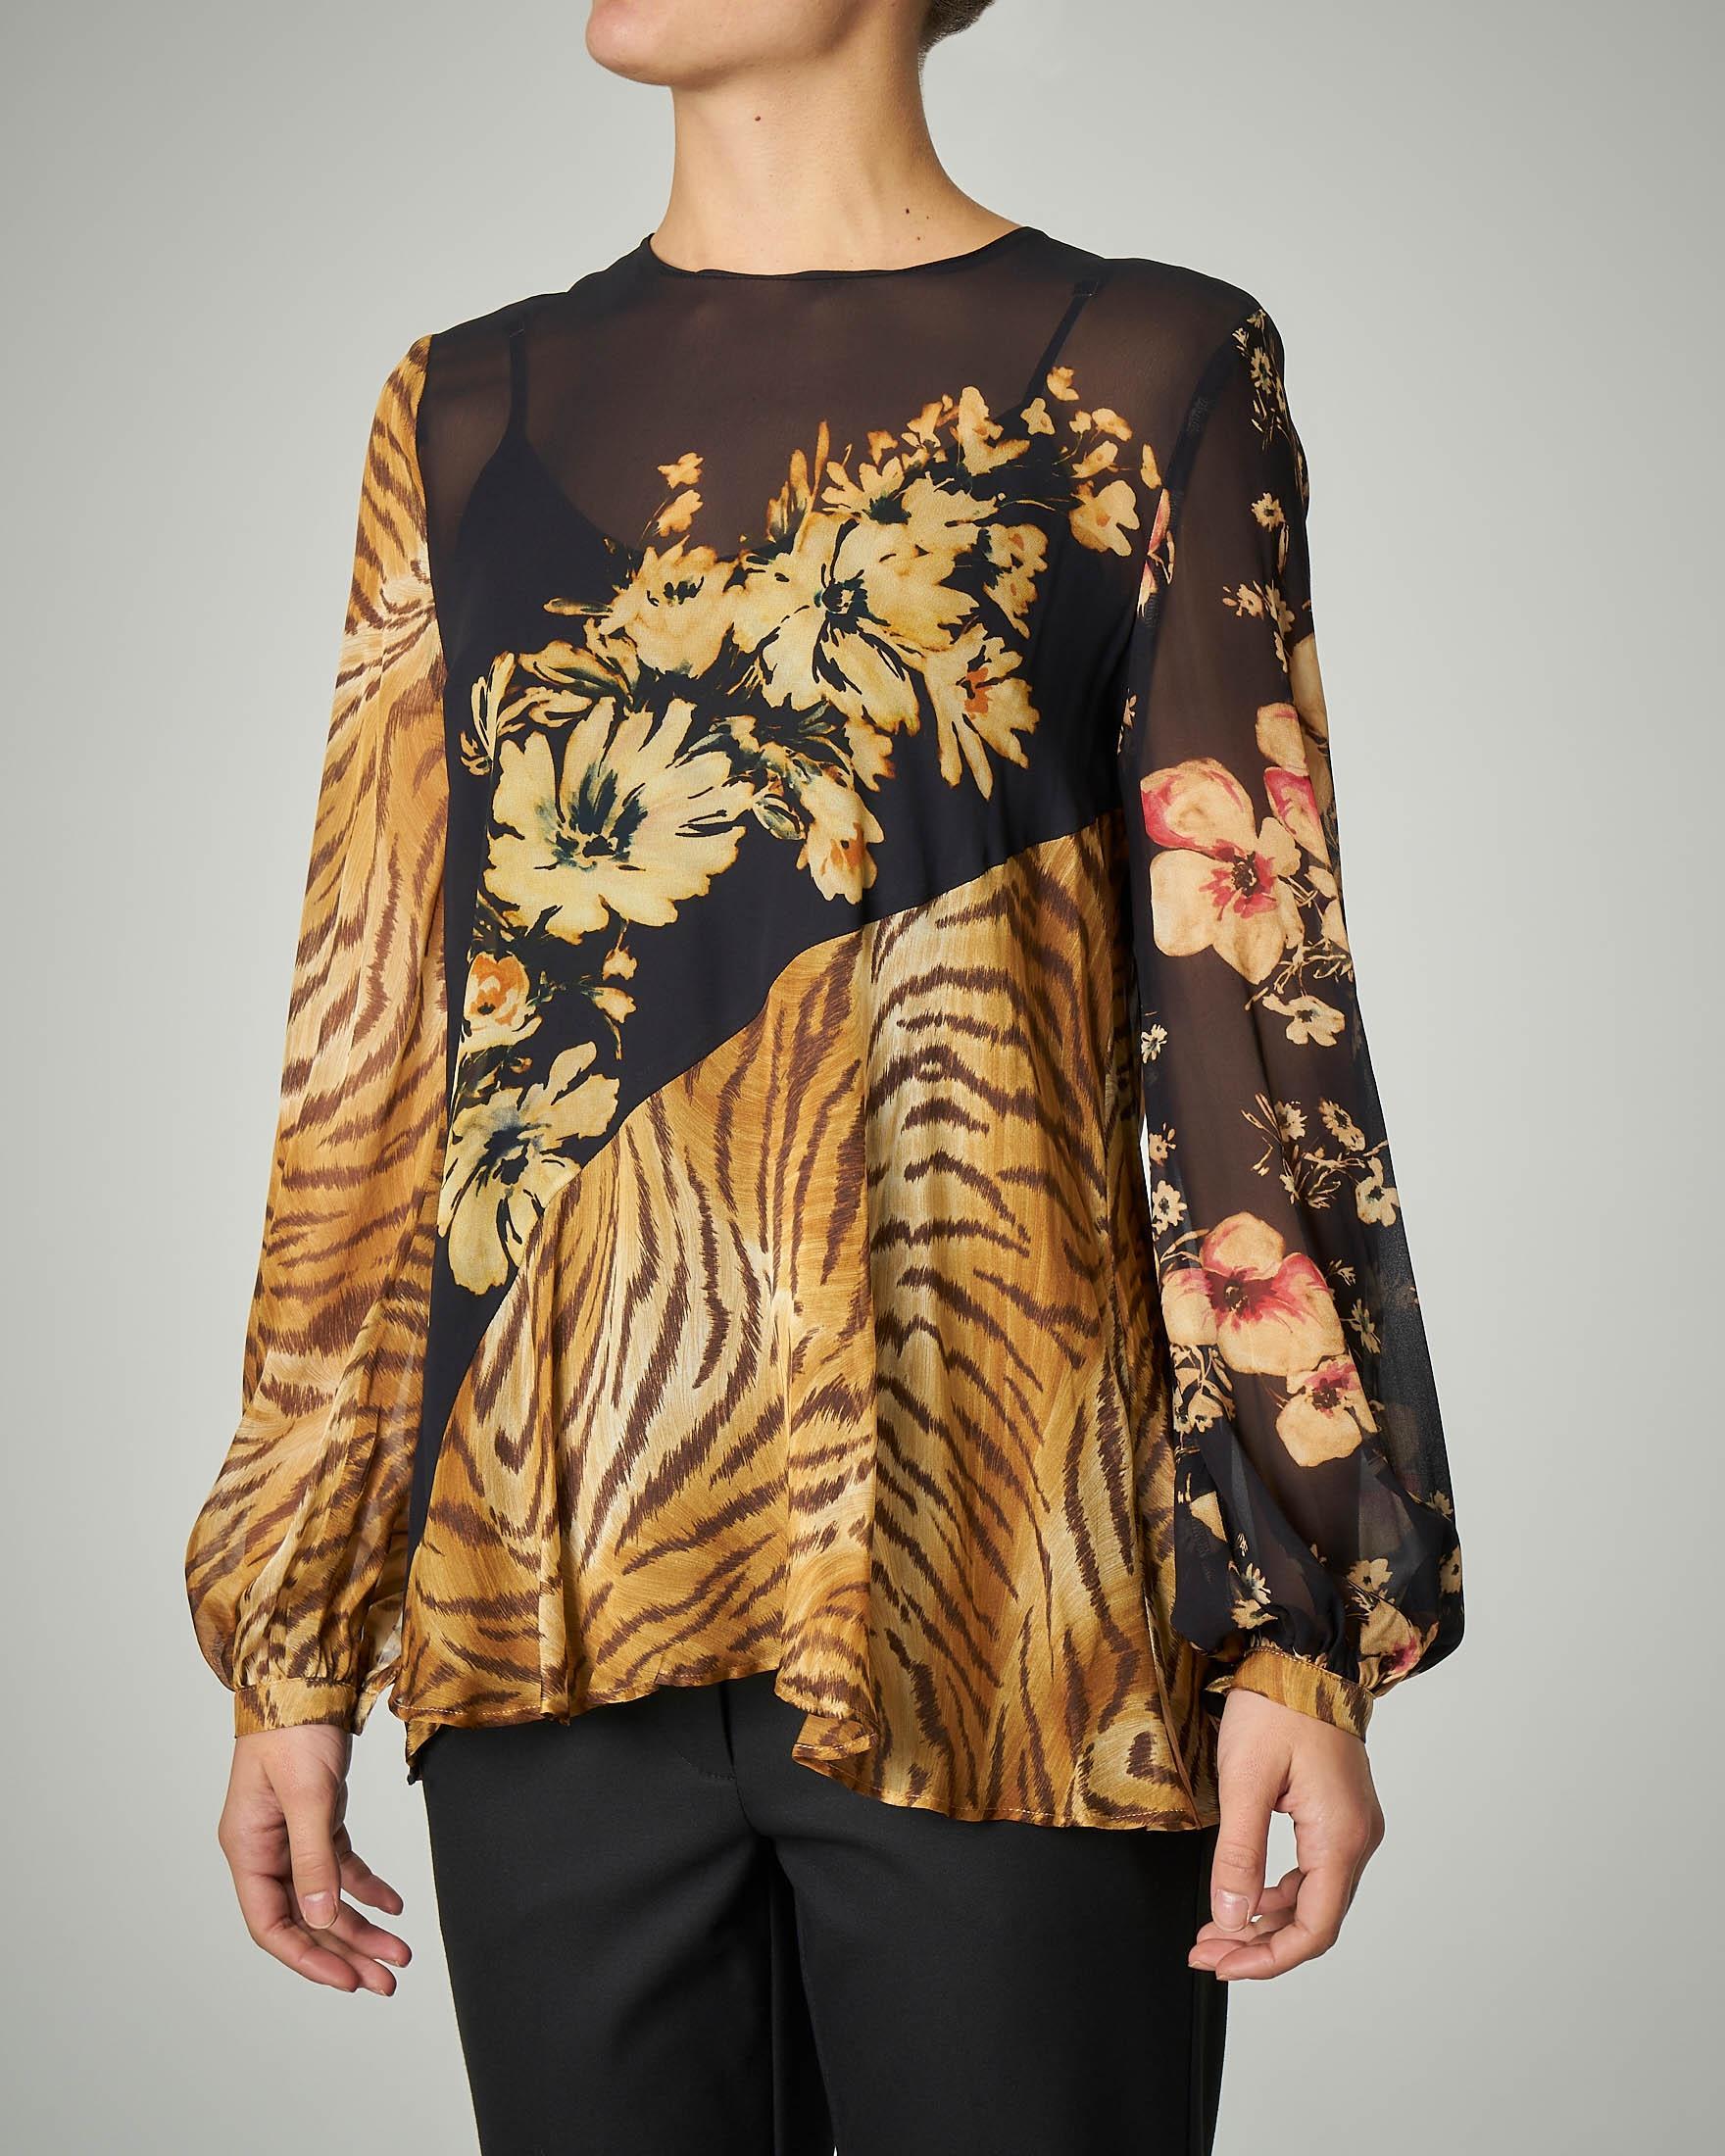 Blusa girocollo manica luga in seta a fantasia floreale con inserti animalier